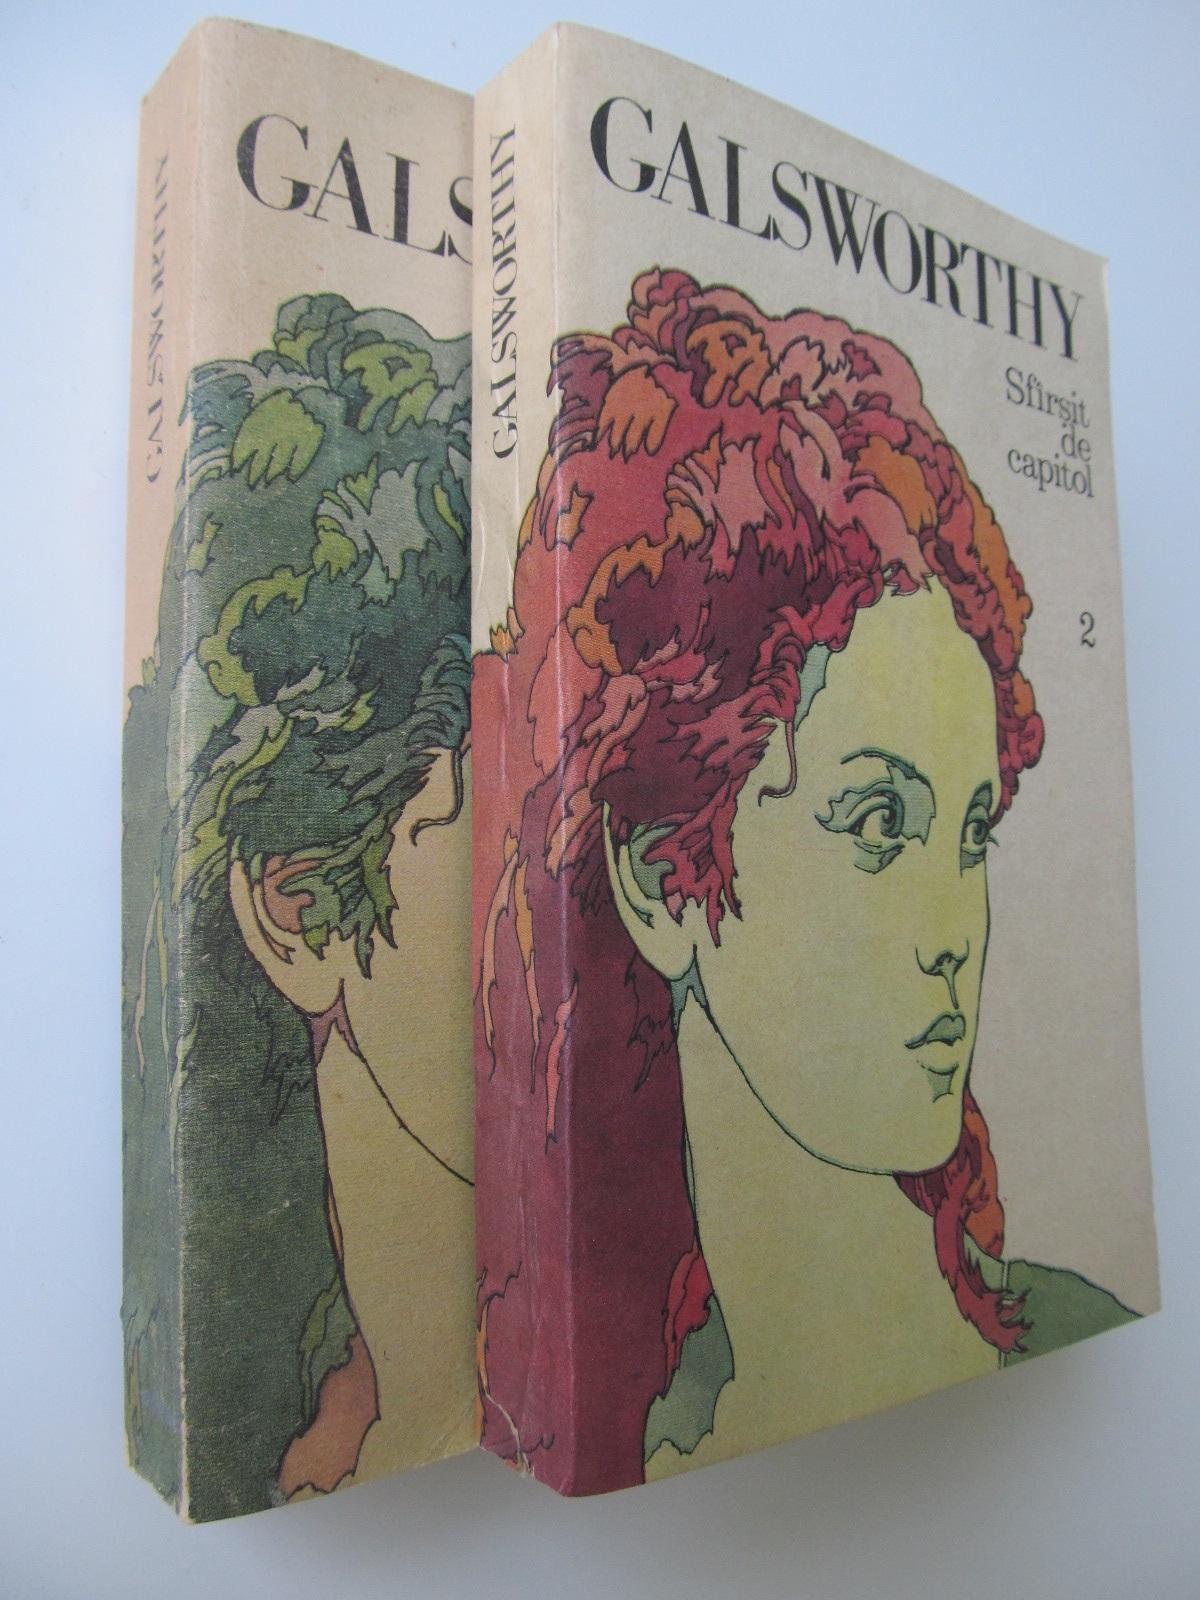 Sfarsit de capitol (2 vol.) - John Galsworthy | Detalii carte